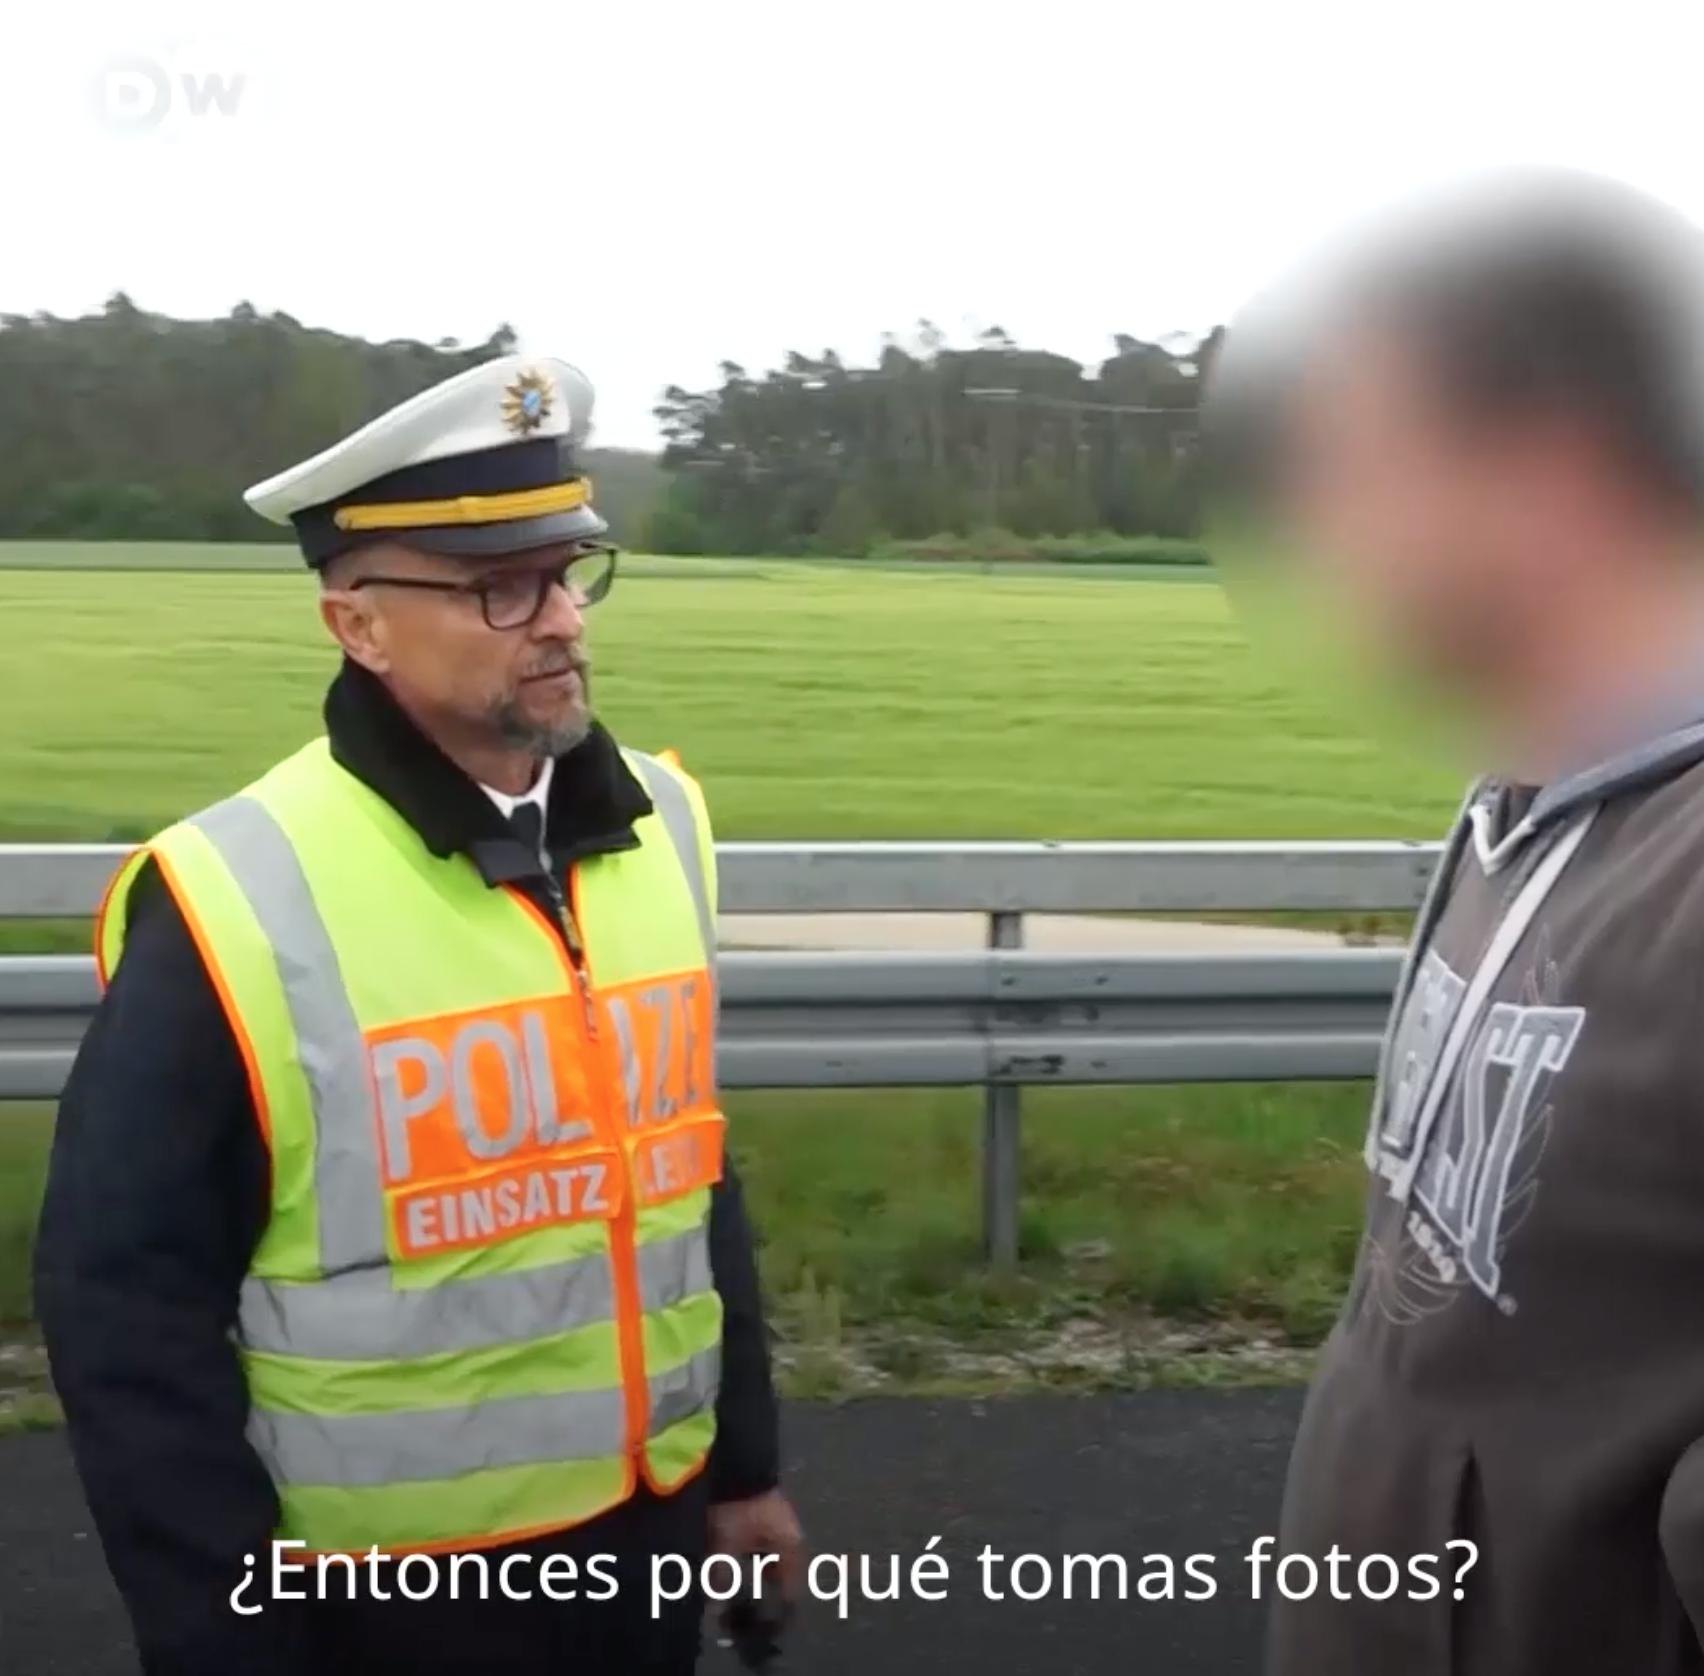 Este policía le ha dado una lección a los curiosos que sacan fotos de accidentes